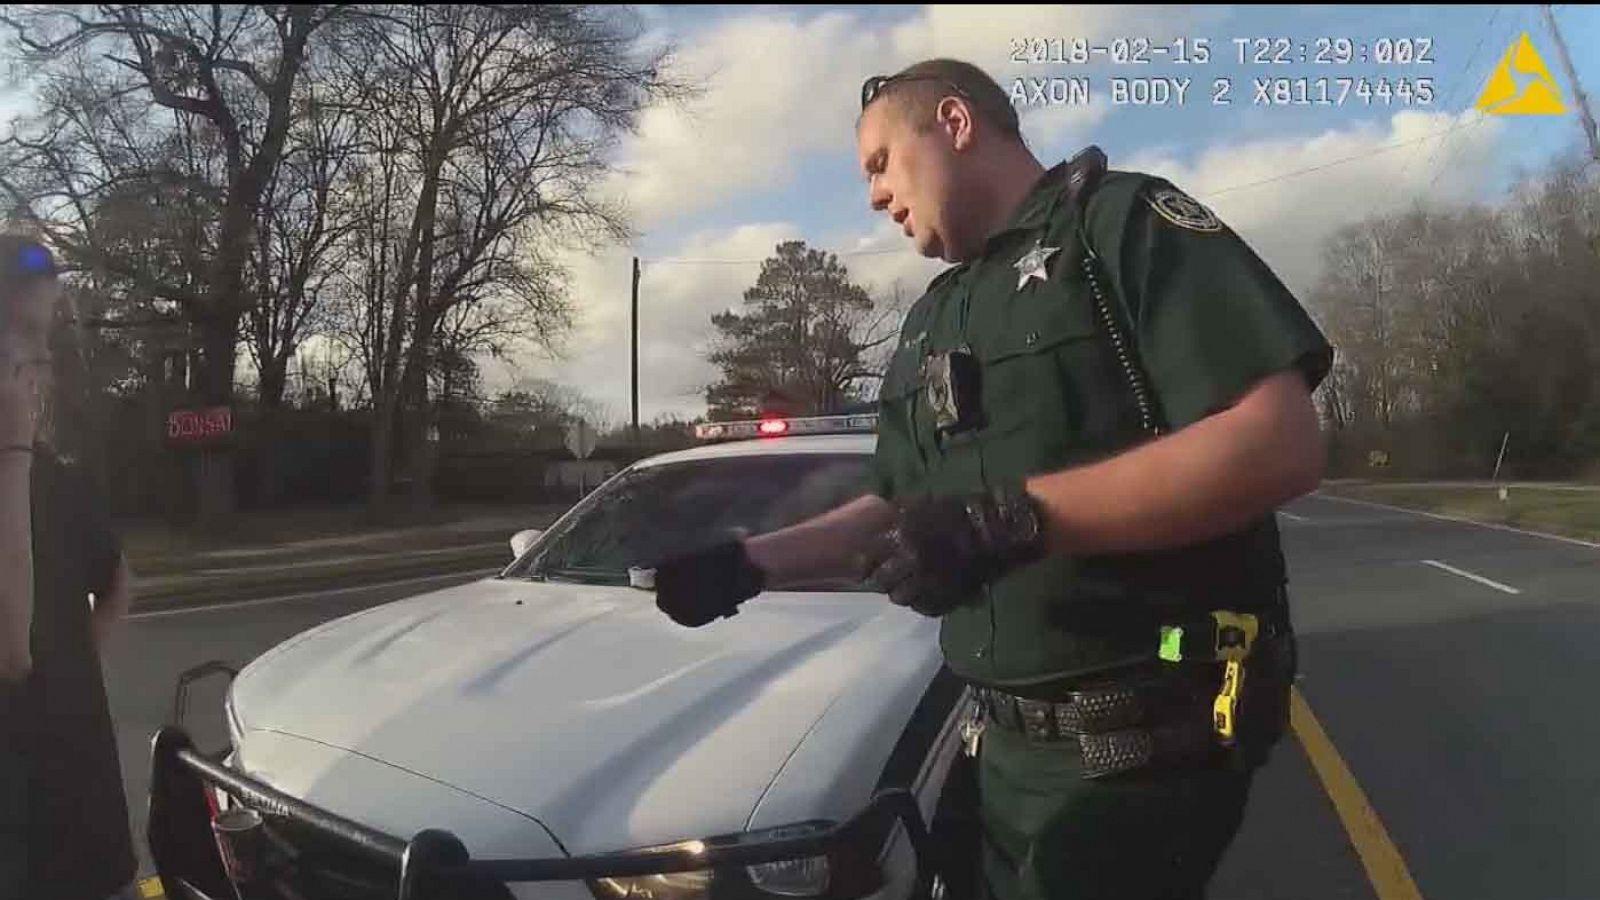 Former Florida deputy arrested for allegedly planting drugs